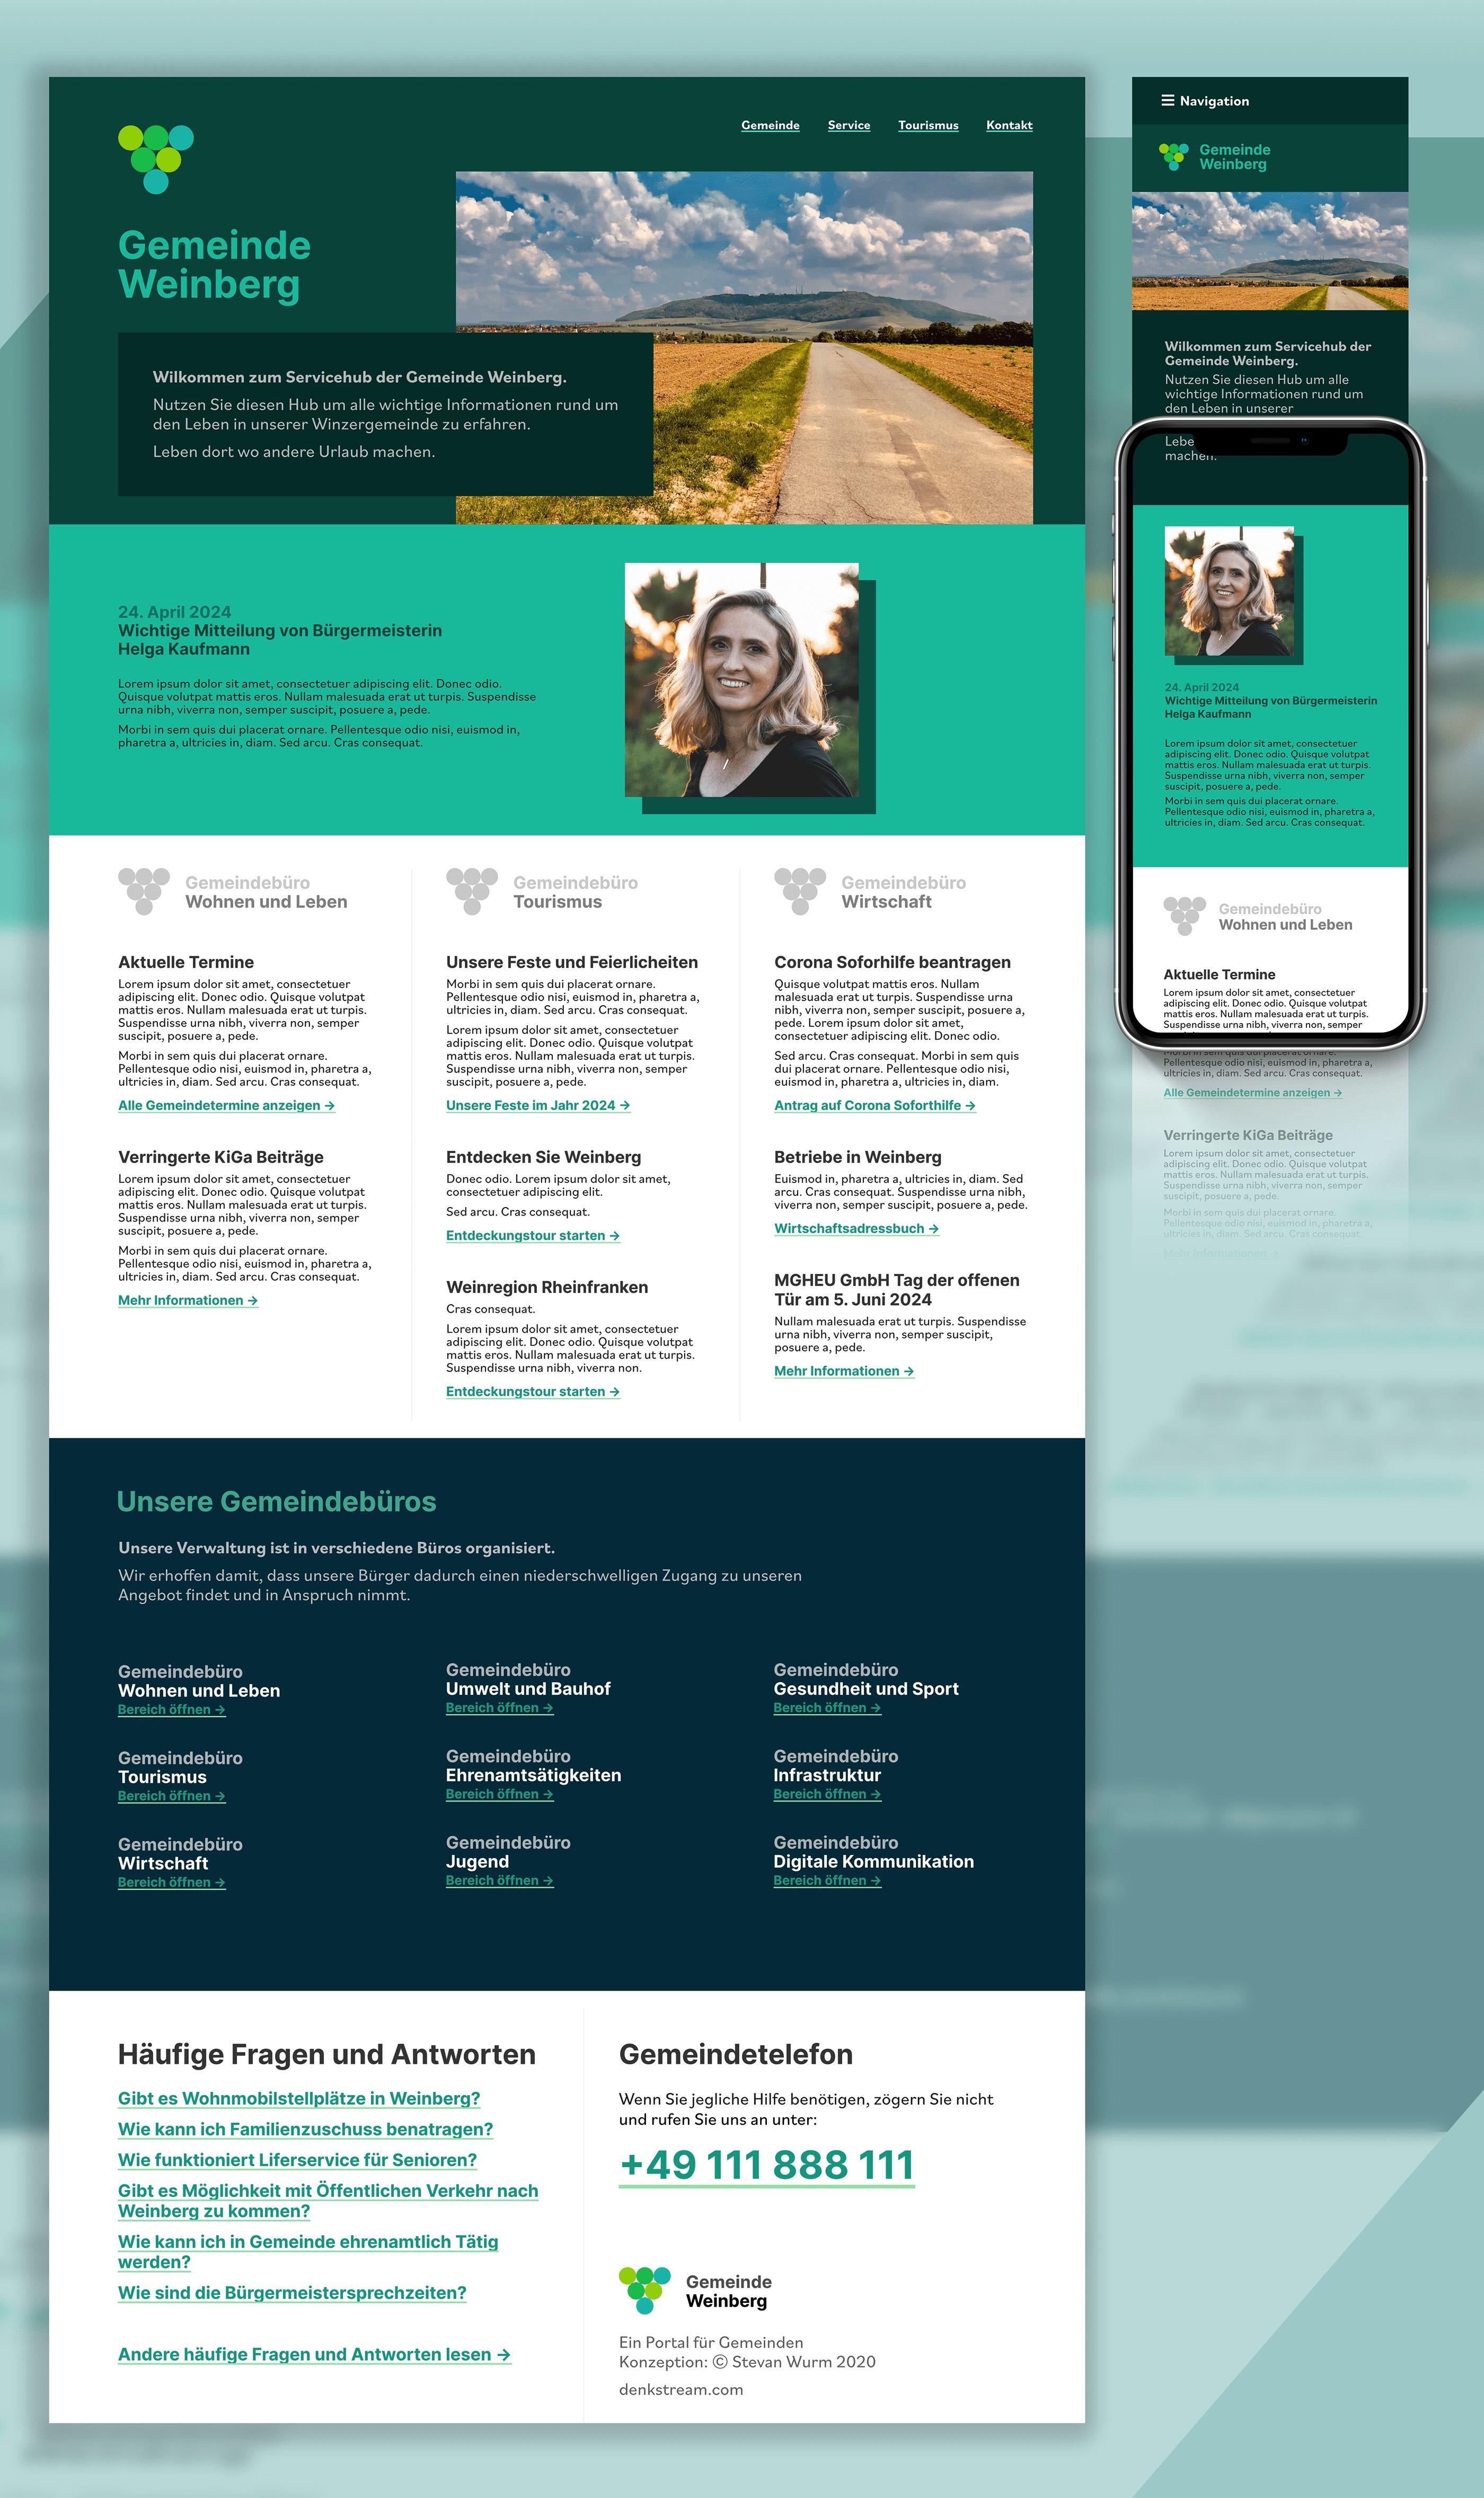 Ein Bild mit einer Desktopversion und einer Mobilversion einer Website